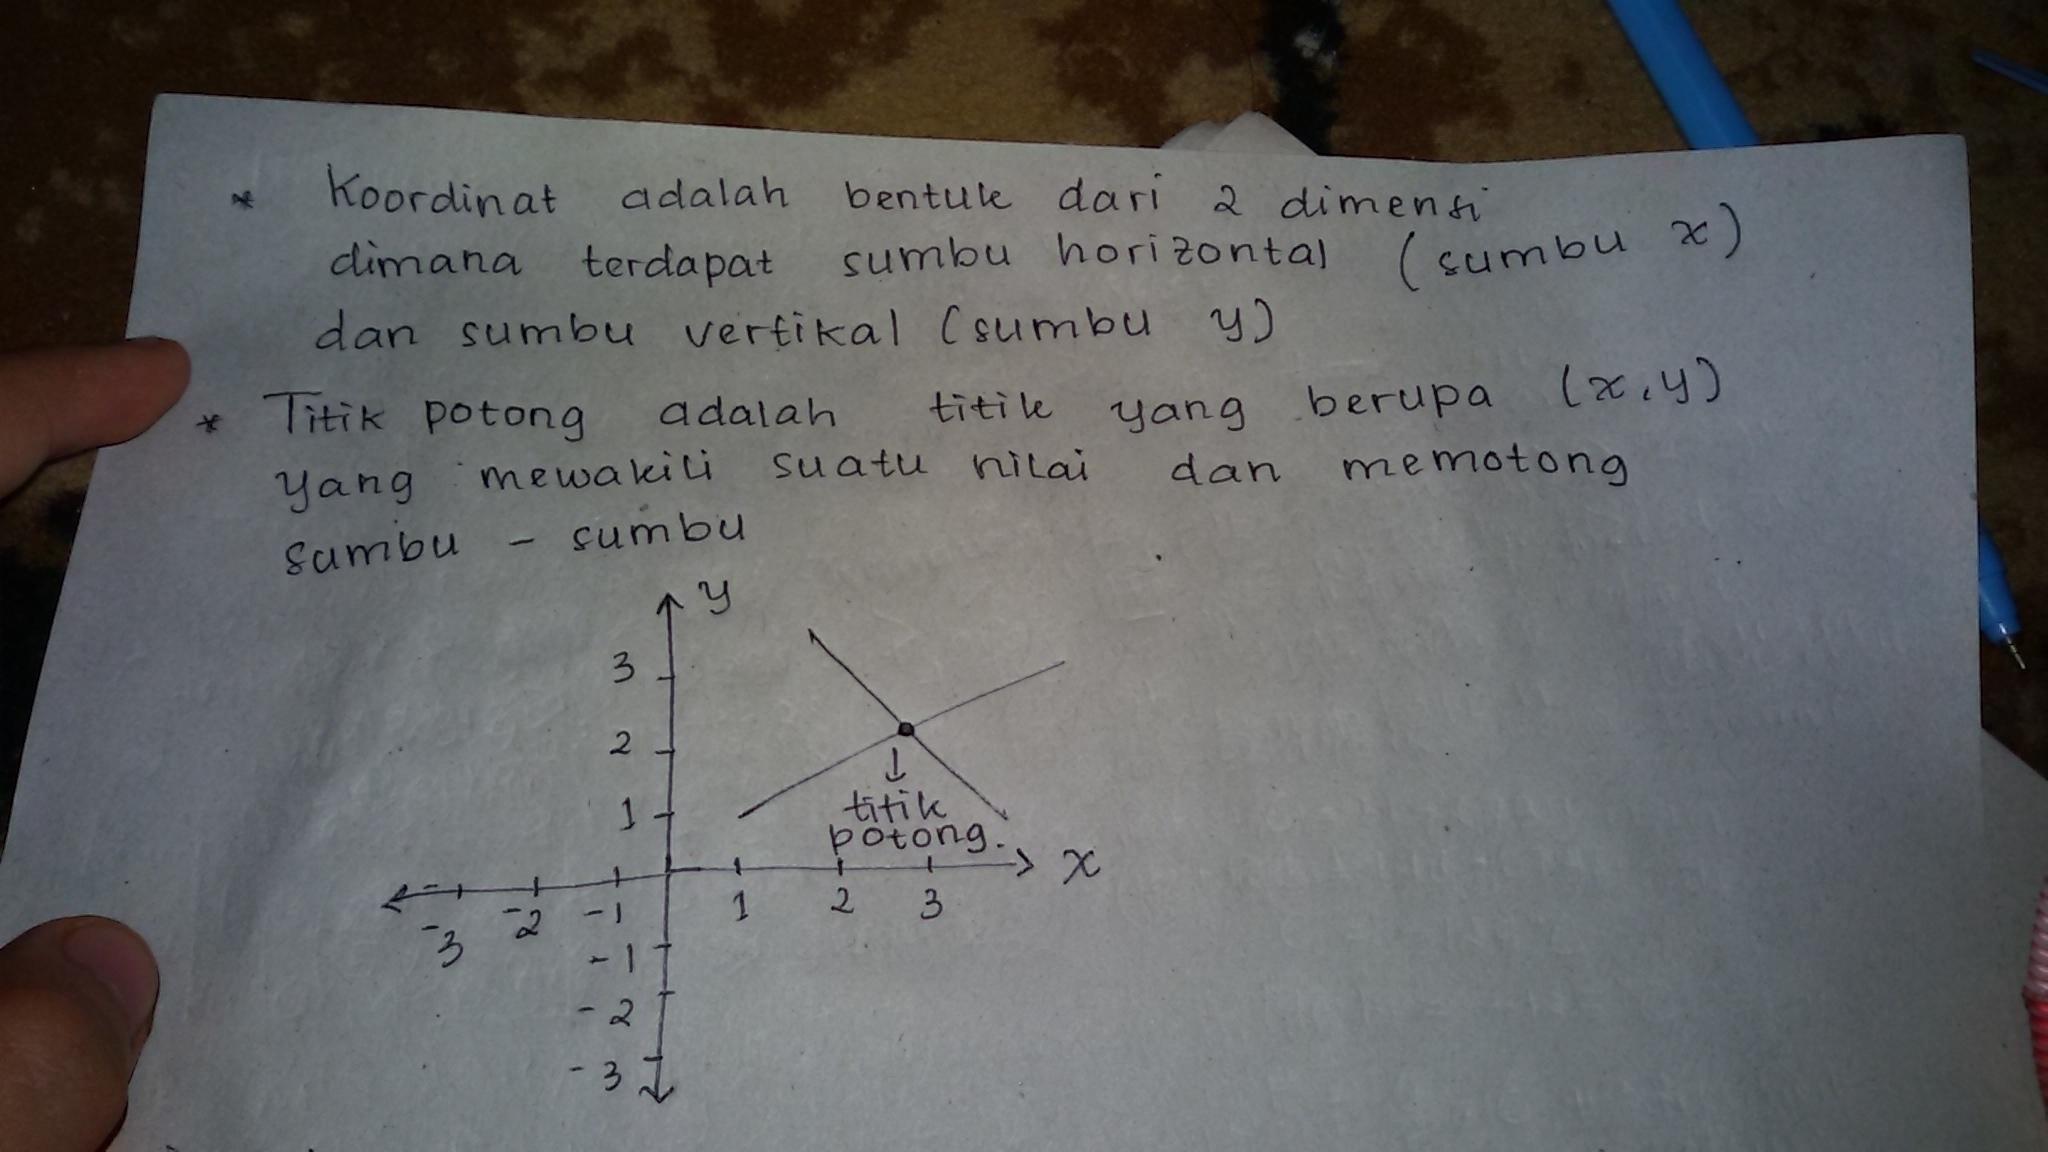 Koordinat titik potong persamaan y=2x + 1 dengan sumbu x ...